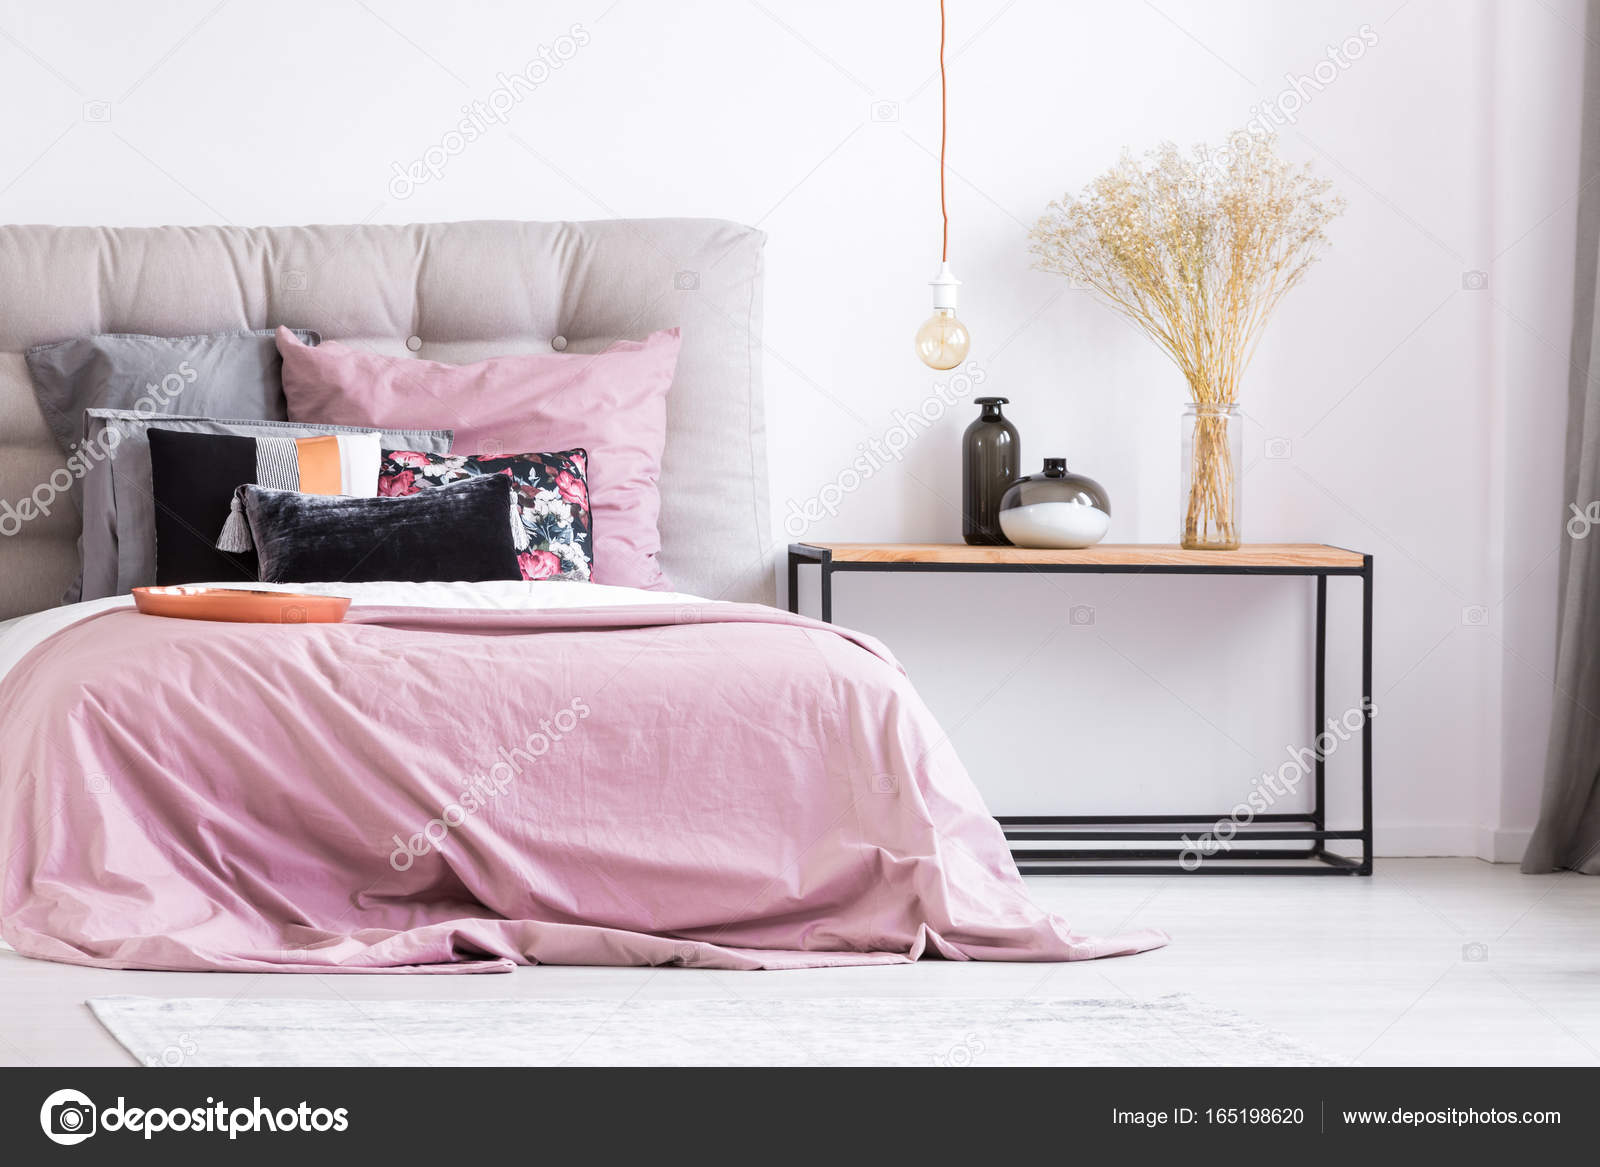 decoratieve vazen en bloemen op tafel in pastel roze slaapkamer met koperen plaat en patroon kussens op kingsize bed foto van photographeeeu